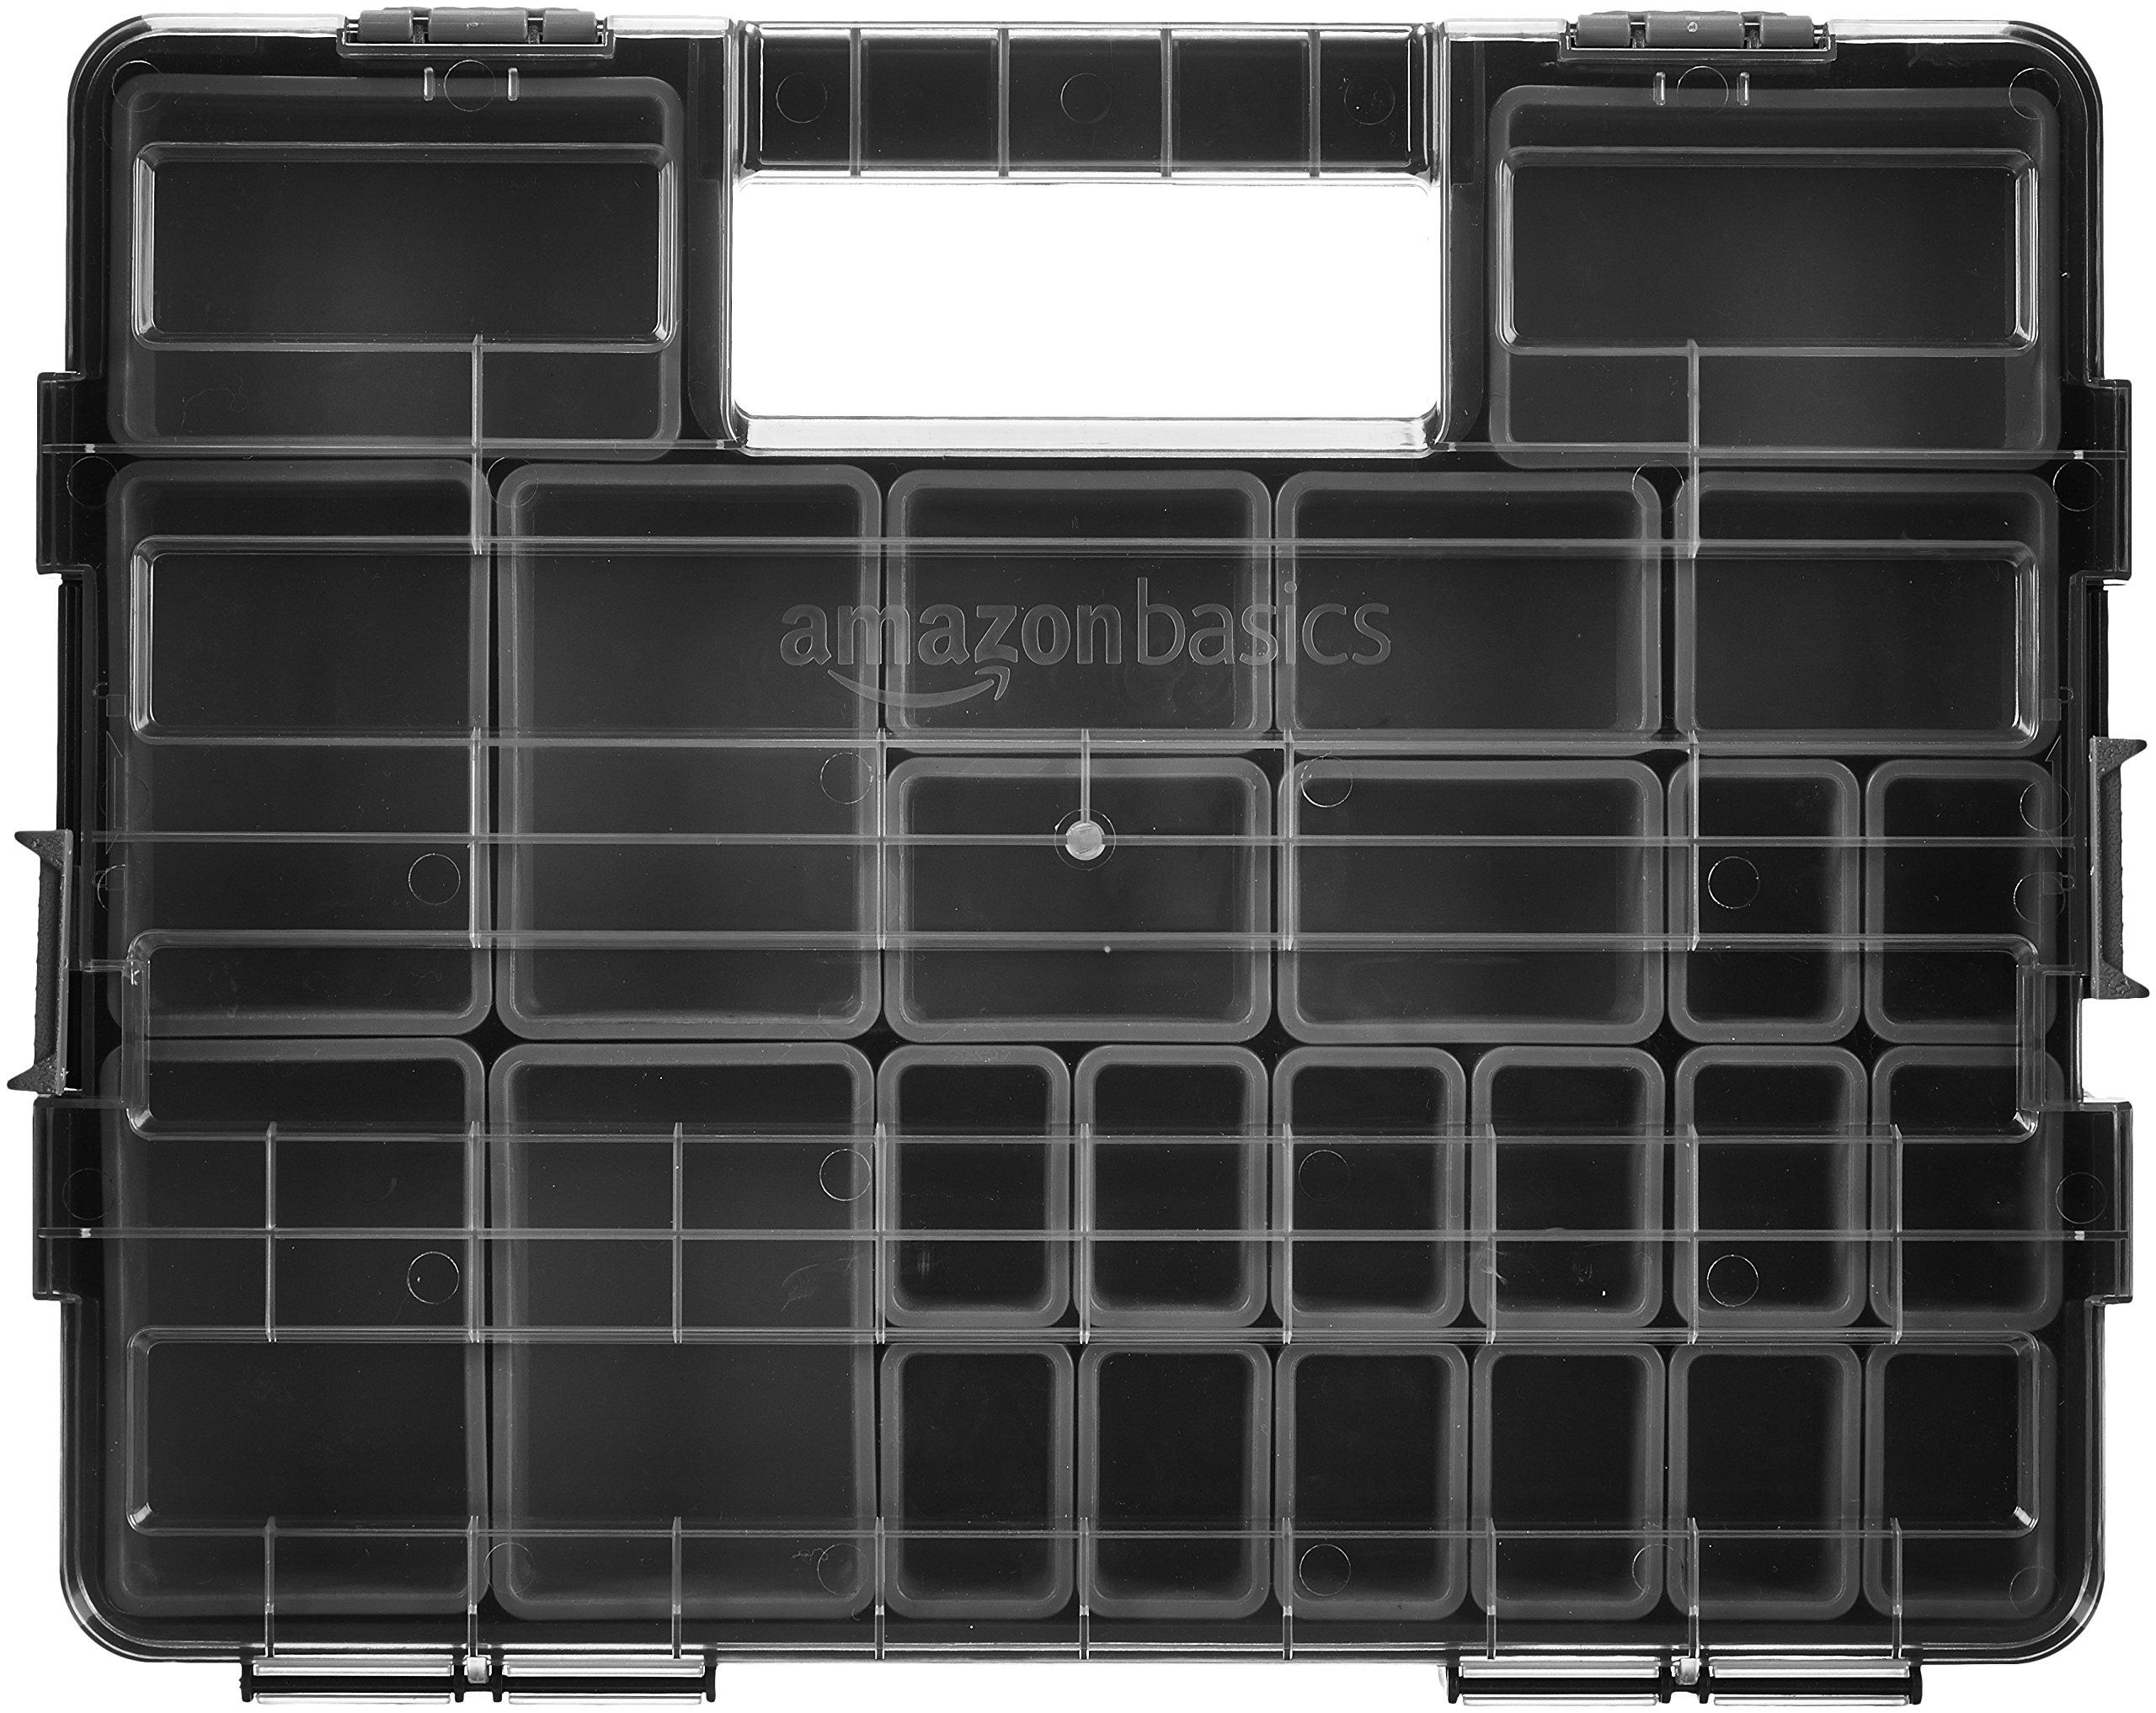 AmazonBasics Tool Organizer - 25 Compartments by AmazonBasics